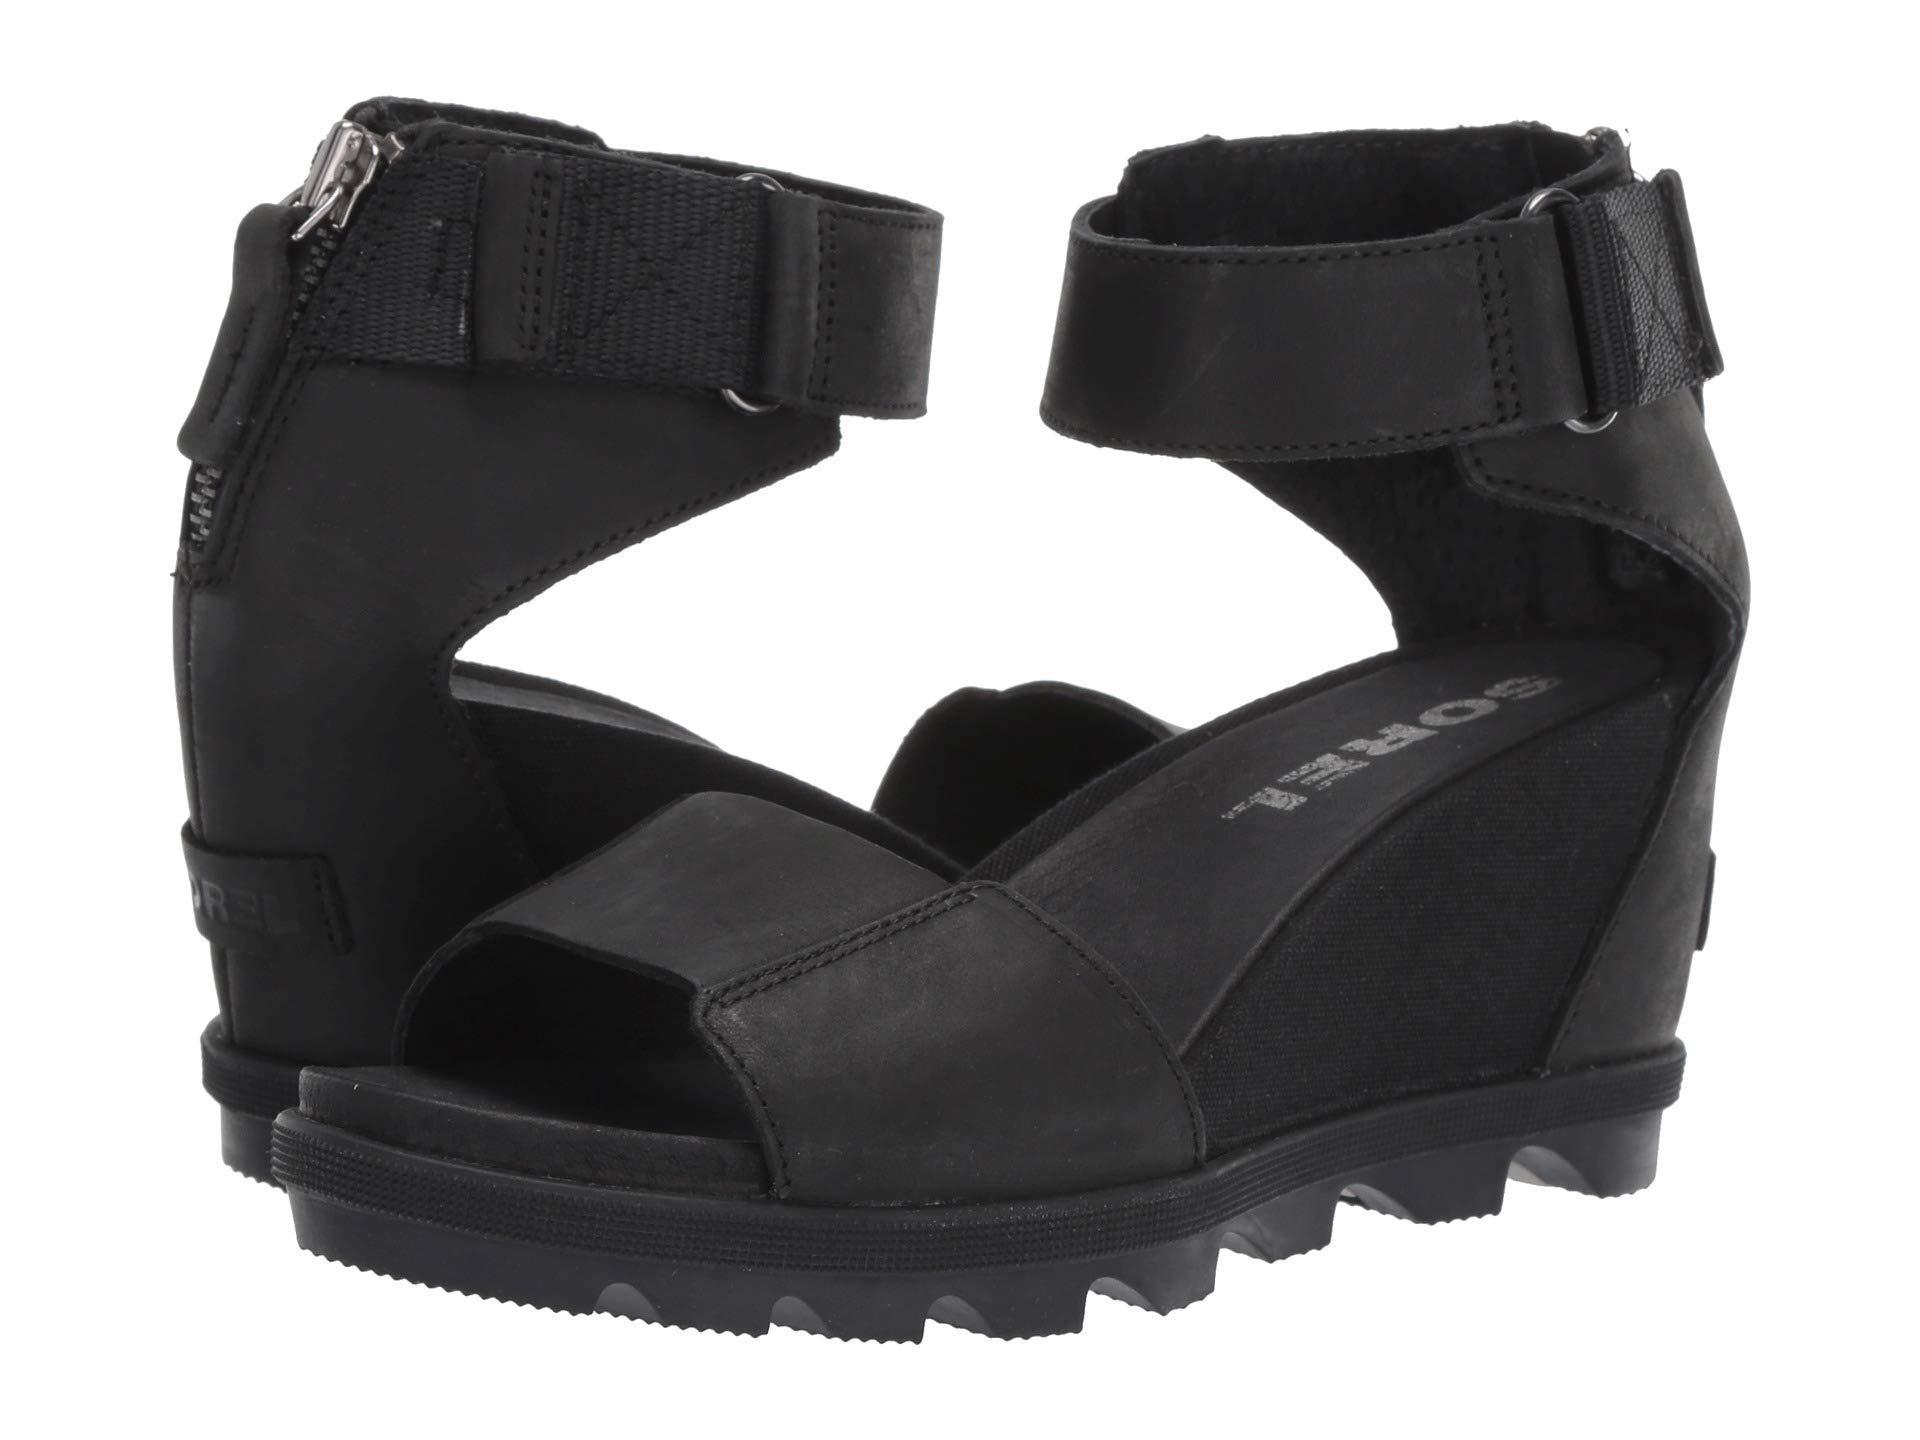 ad0fbf96c Lyst - Sorel Joanie Ii Ankle Strap in Black